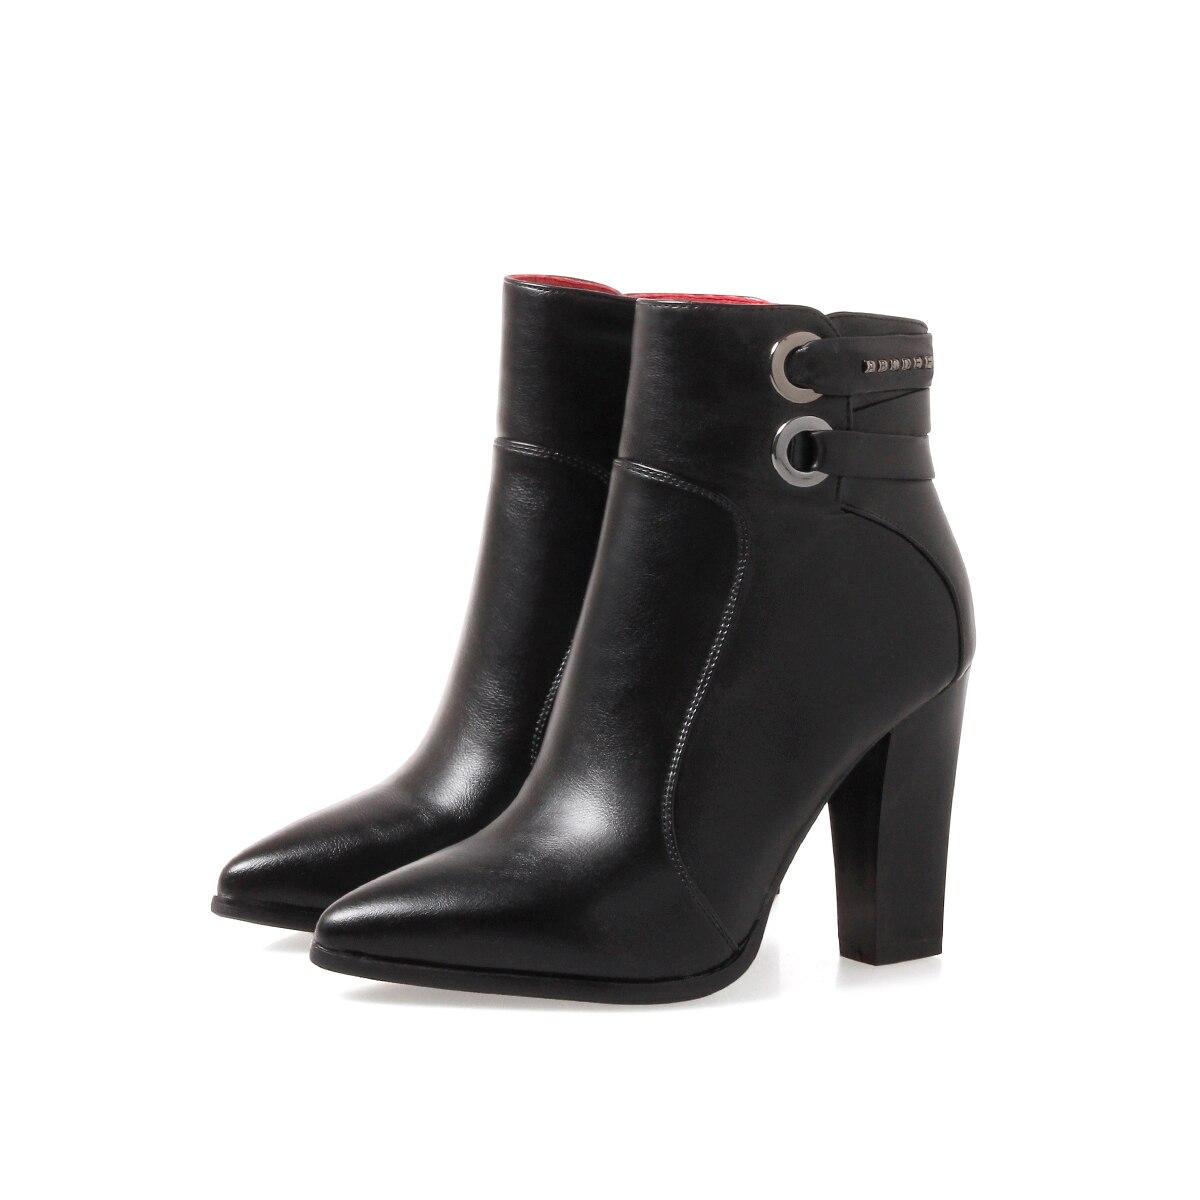 Automne Assurance Bottes Noir Européenne Semelles Anti Qzyerai Femmes Nouvelles De Qualité slip Chaussures La Hiver vert Mode wPRIC